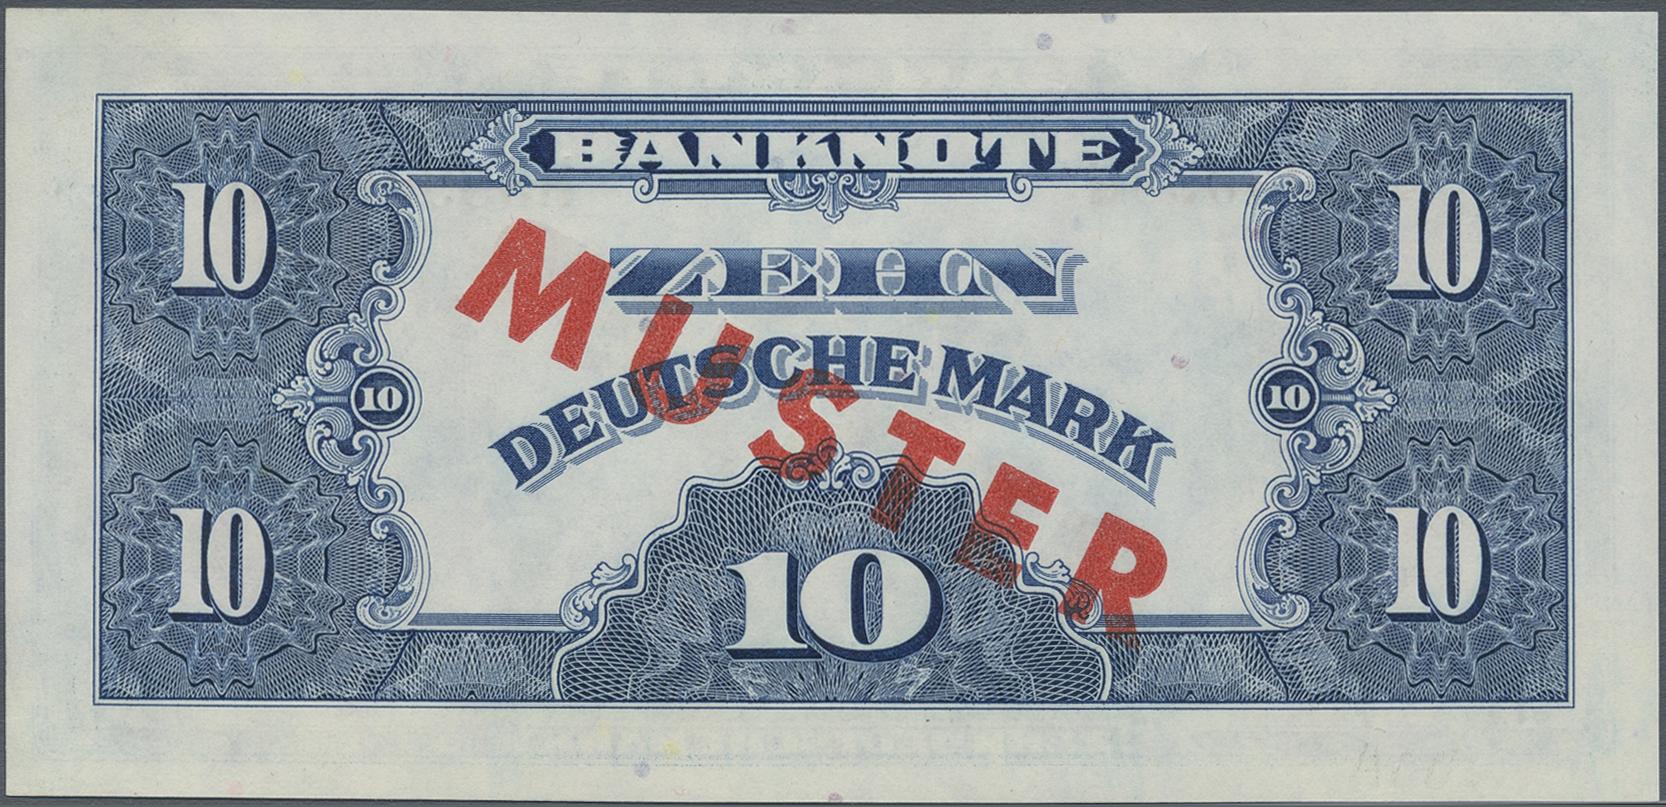 Lot 9805 - Deutschland - Bank Deutscher Länder + Bundesrepublik Deutschland banknoten -  Auktionshaus Christoph Gärtner GmbH & Co. KG Sale #47 Banknotes Worldwide & Germany, Numismatics